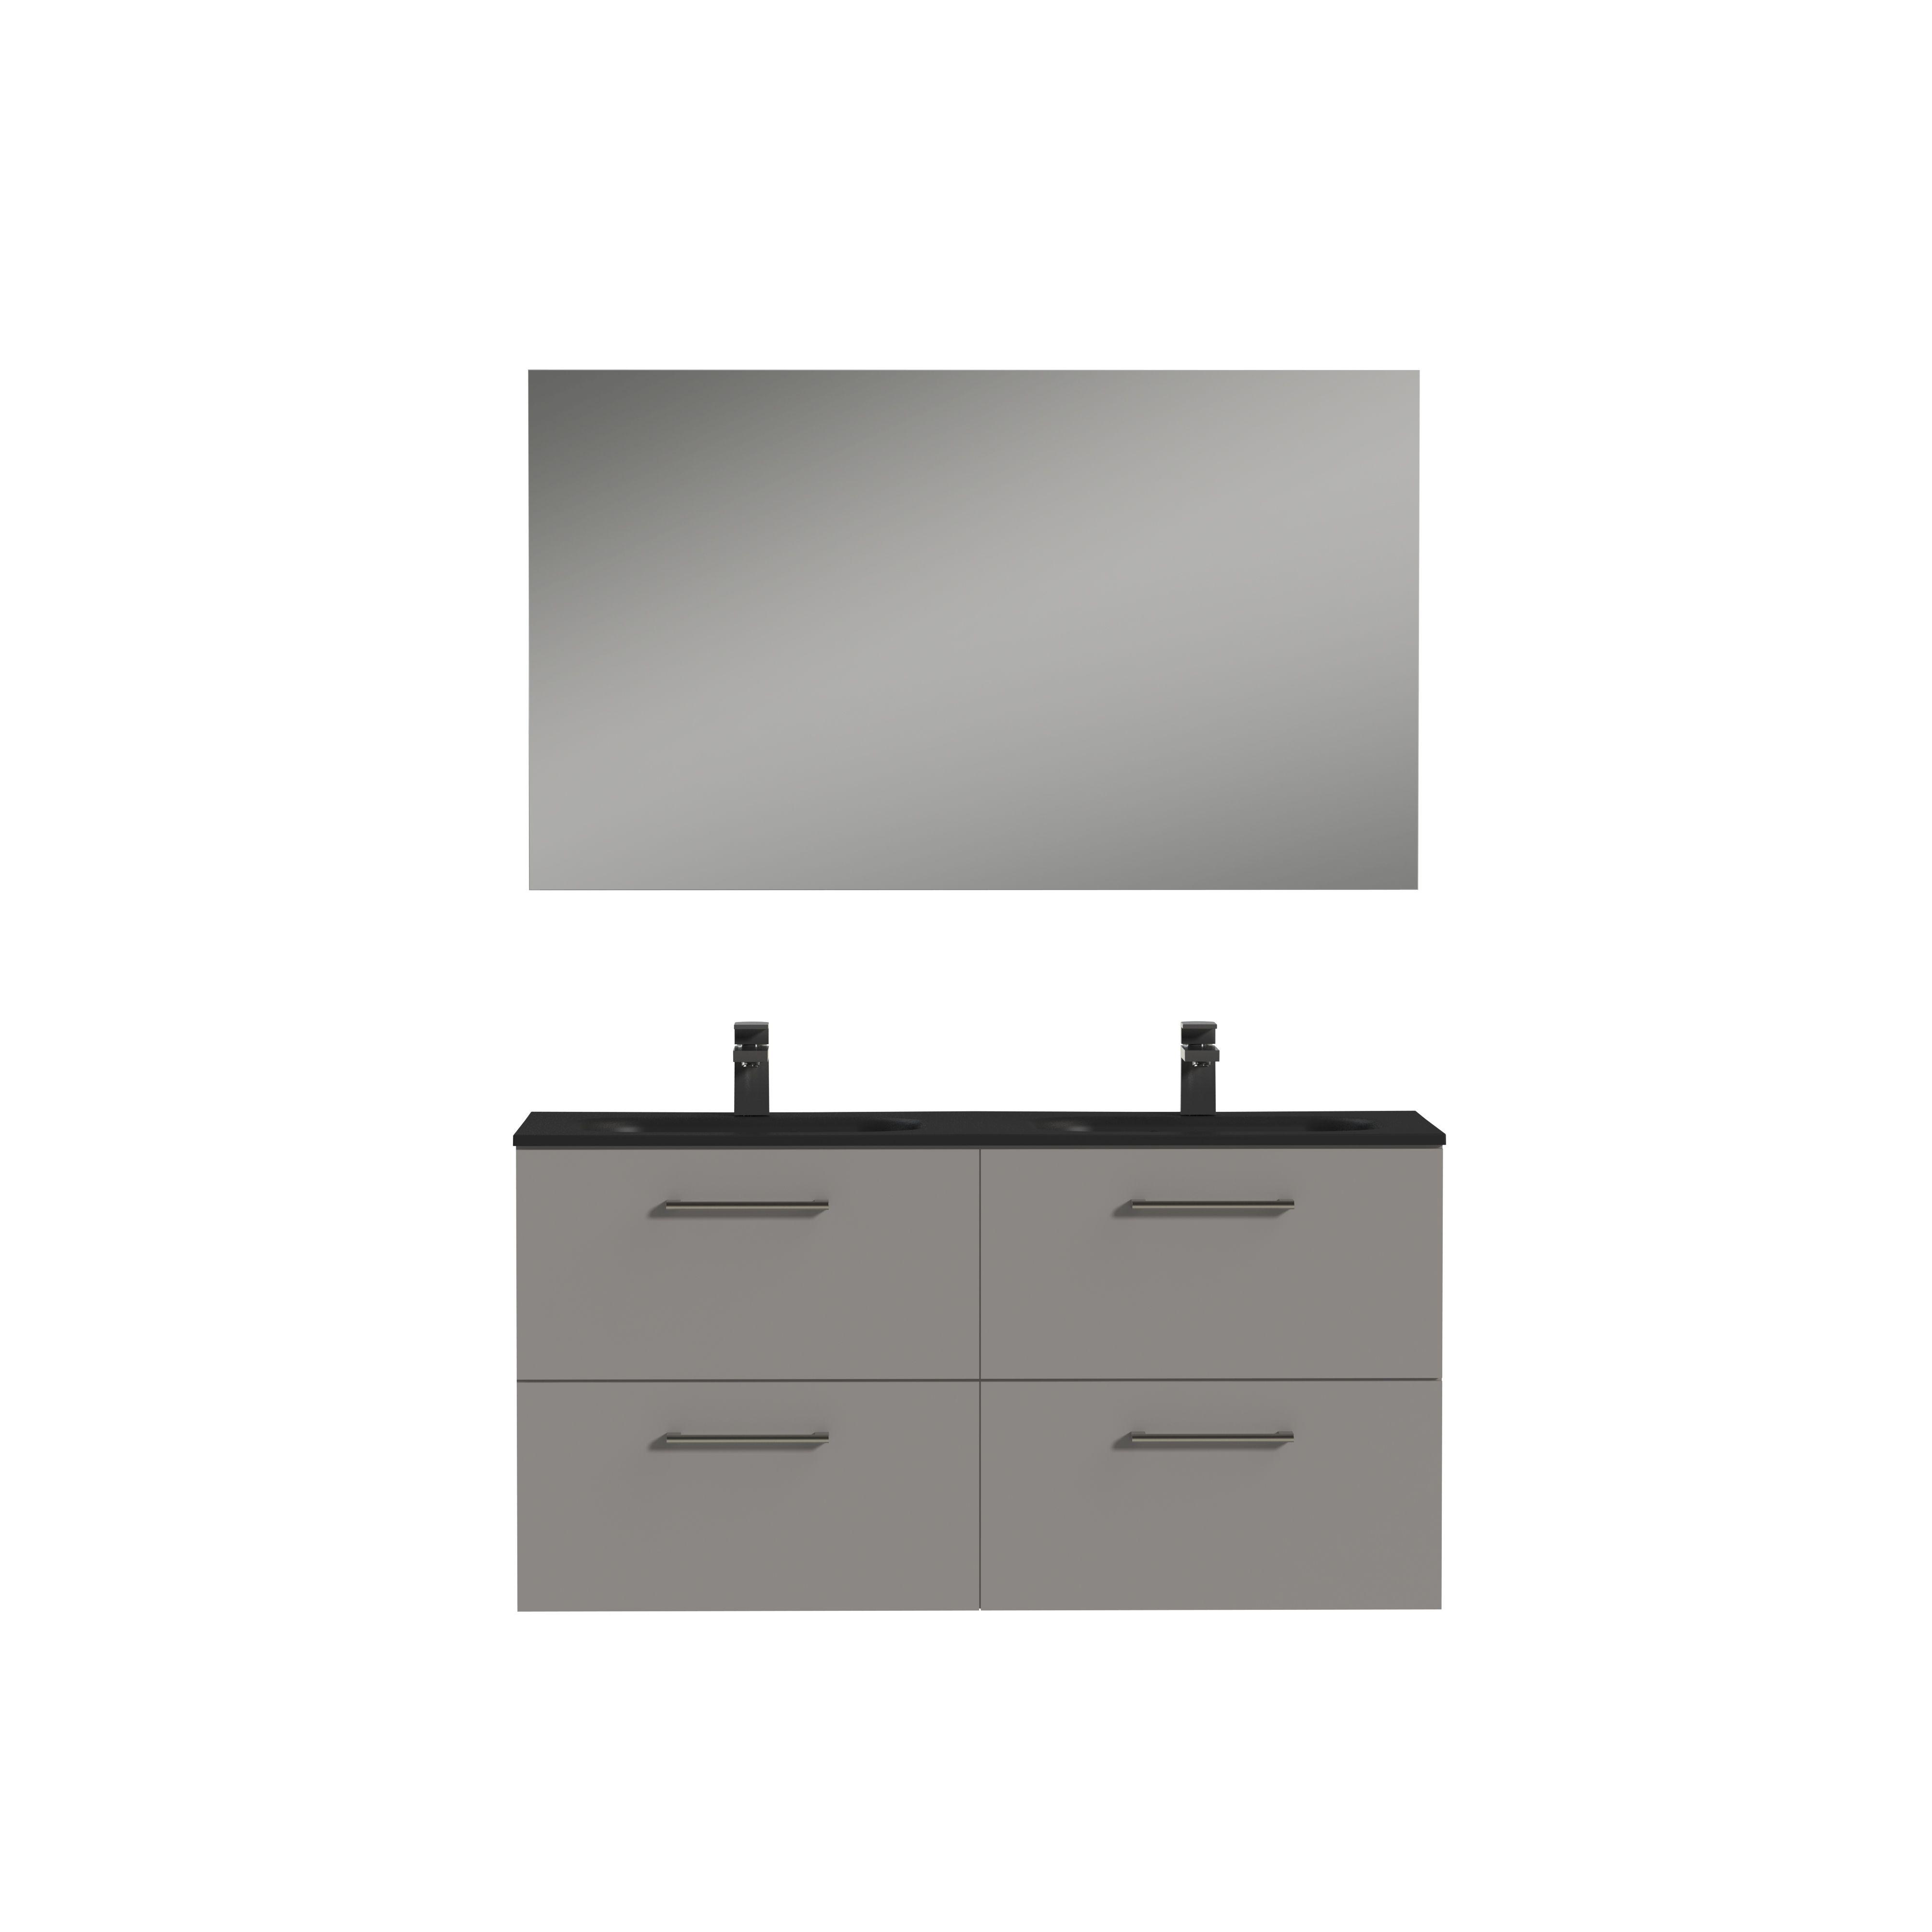 Tiger Studio badkamermeubel incl spiegel en zwart wastafel 120cm mat grijs